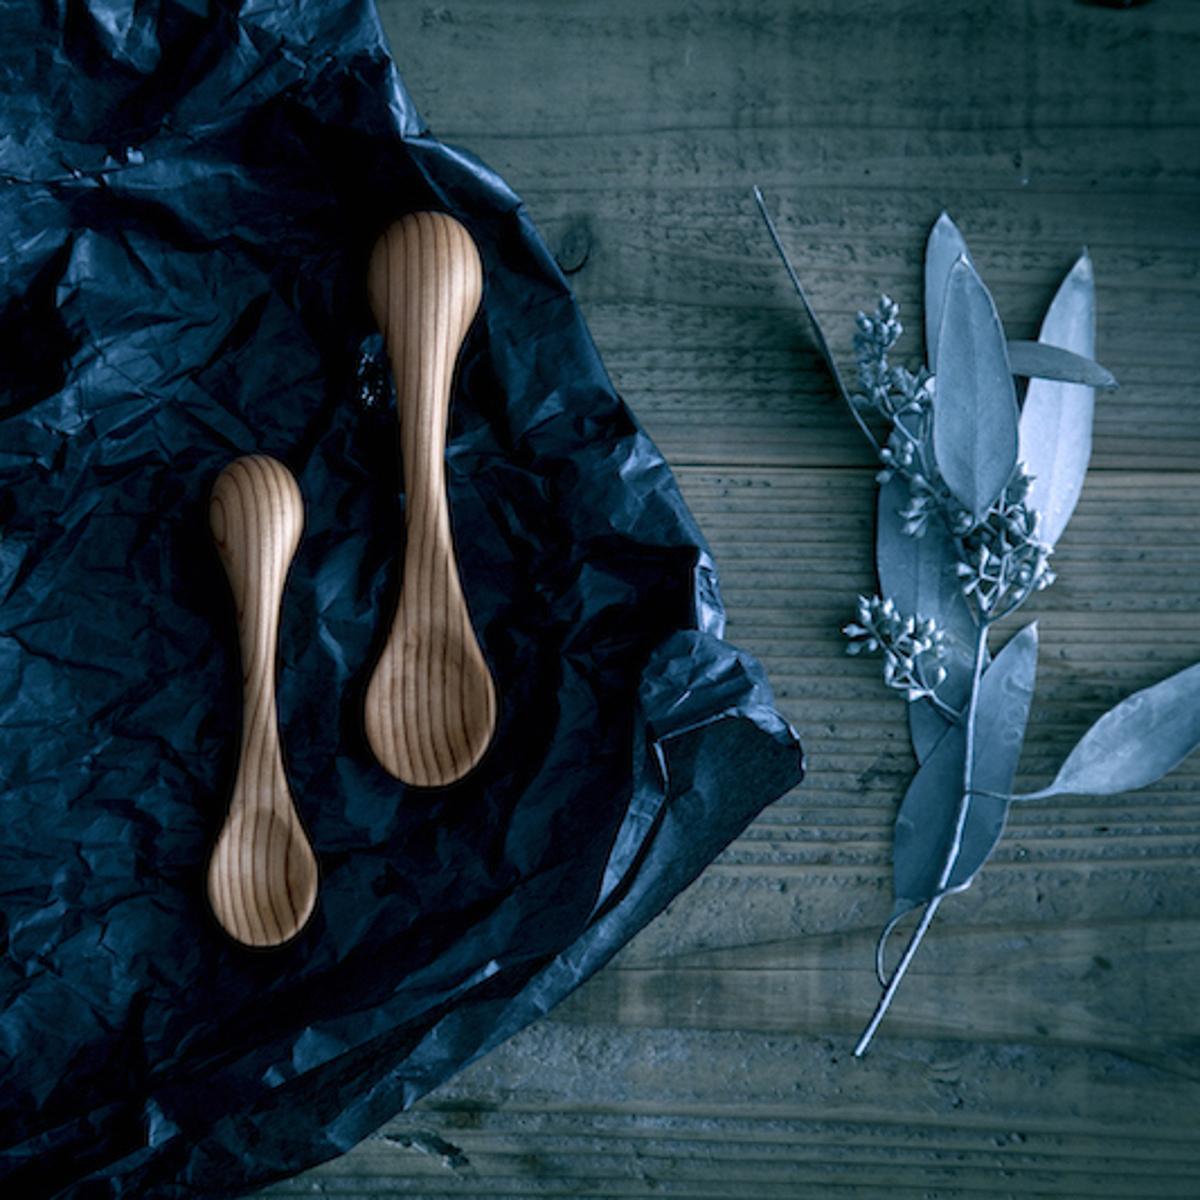 """ゾウさんが教えてくれる「箸の持ち方」 0~2歳向け・食べるたびに自然と「箸の持ち方」を練習できる""""ゾウさん""""の木製スプーン Elephant Spoon For Baby"""